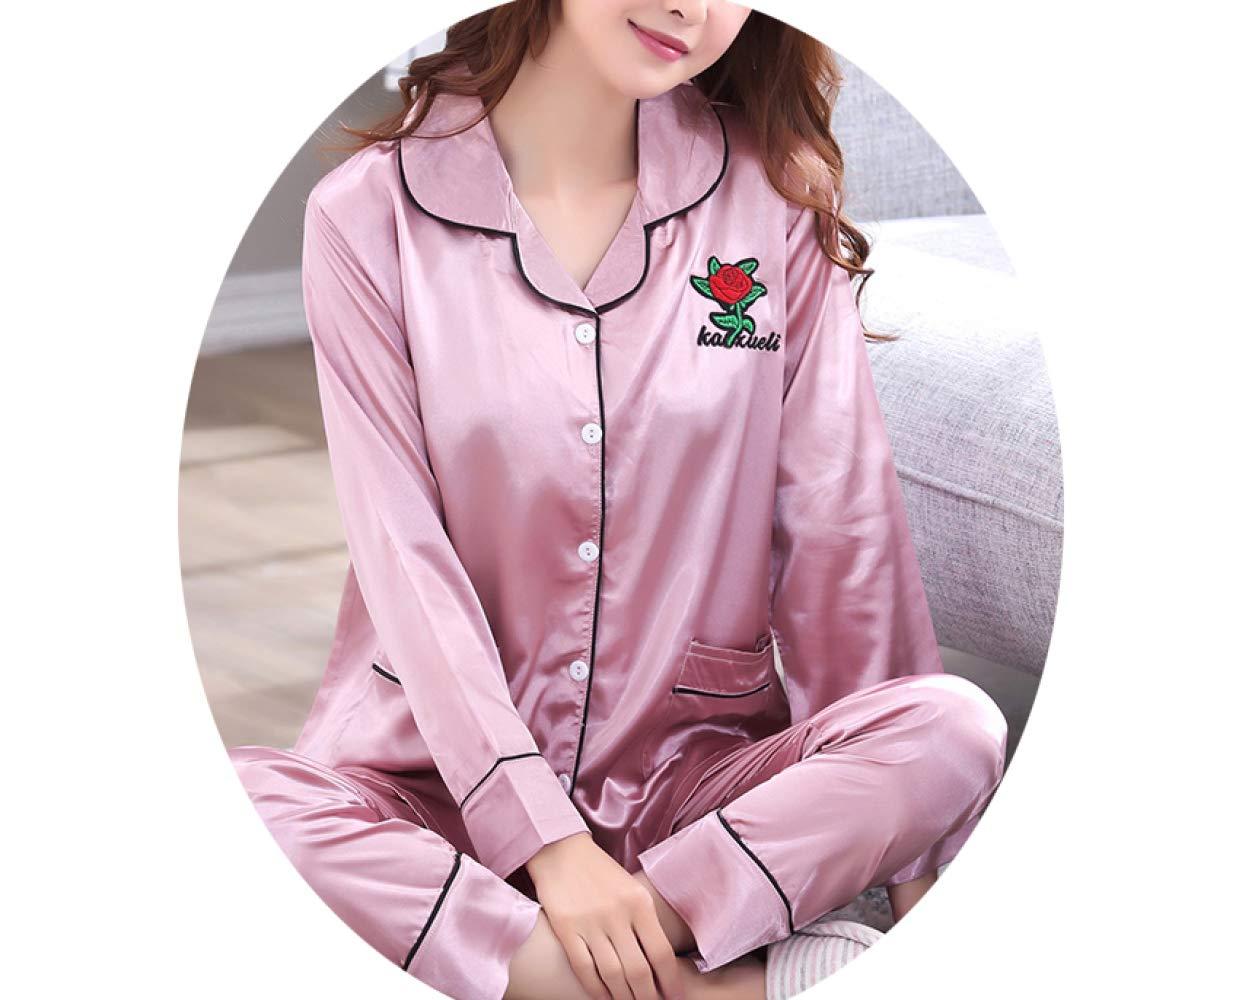 B M Tracksuit Pyjama en Soie à Manches Longues, Costume De Les Les dames en Soie Climatisé à Deux Pièces